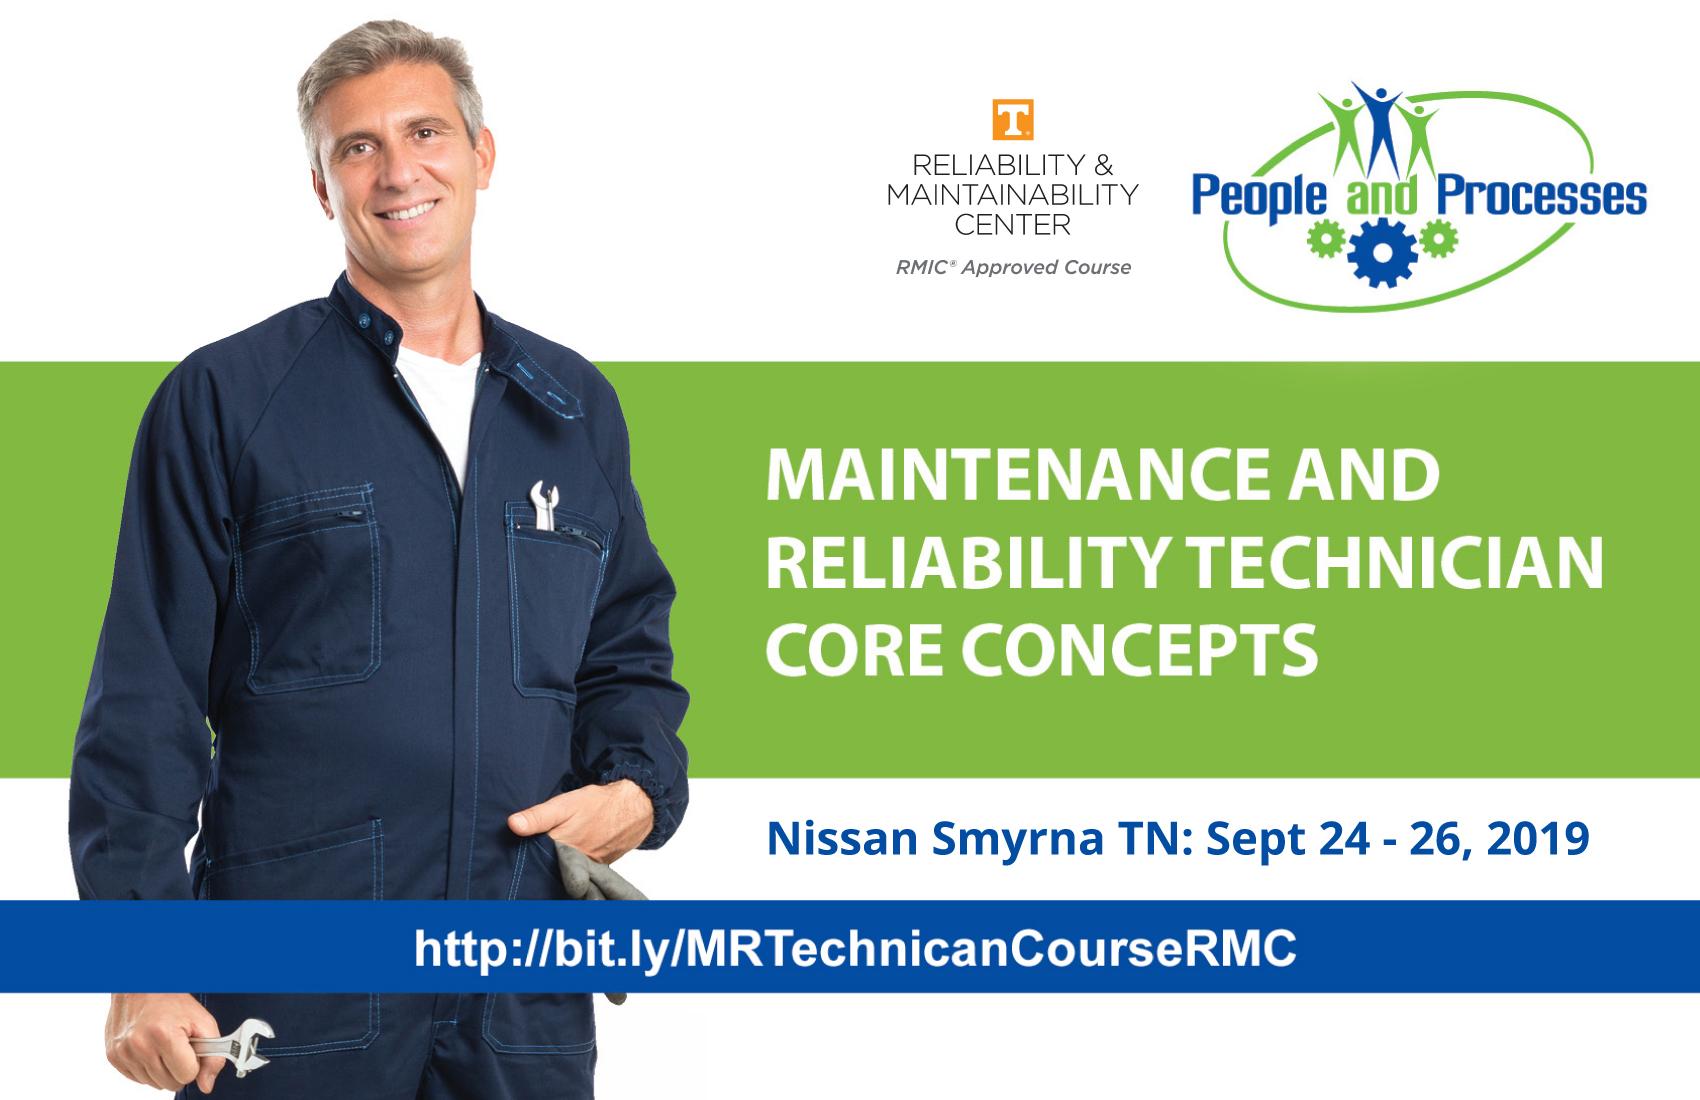 468195_Technician Course_071619